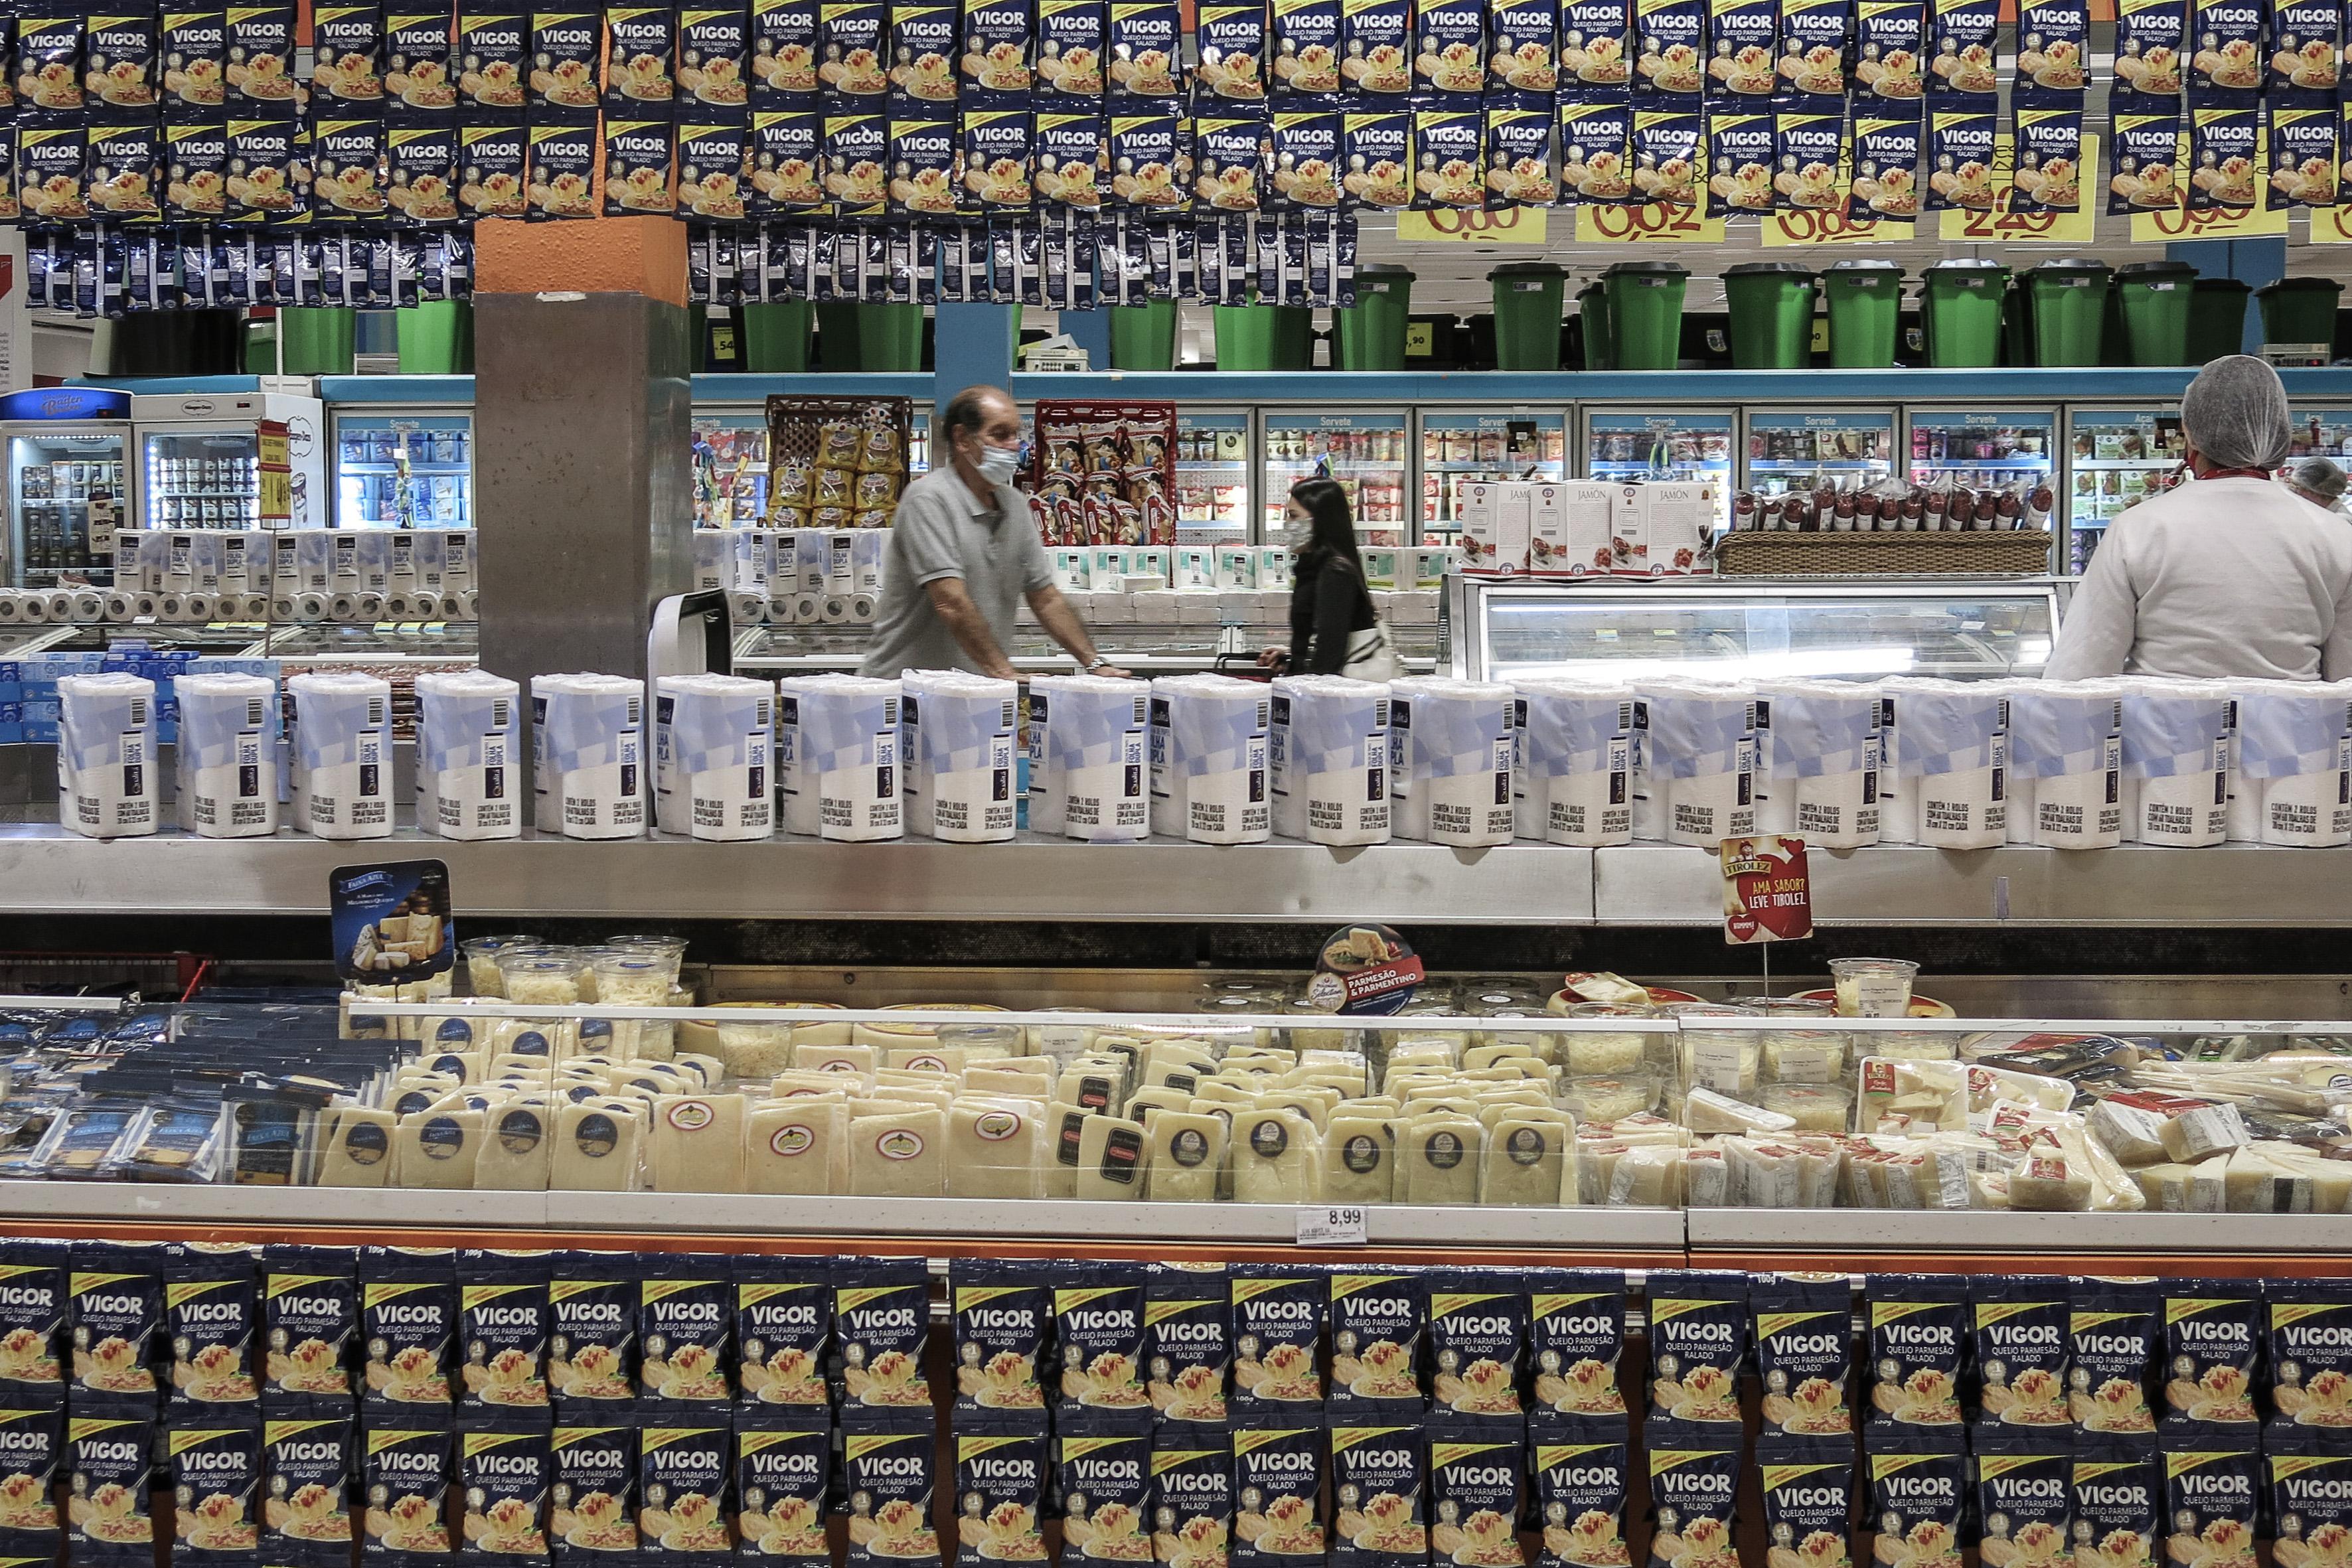 调查显示:巴西经济于6月起显露加速复苏迹象